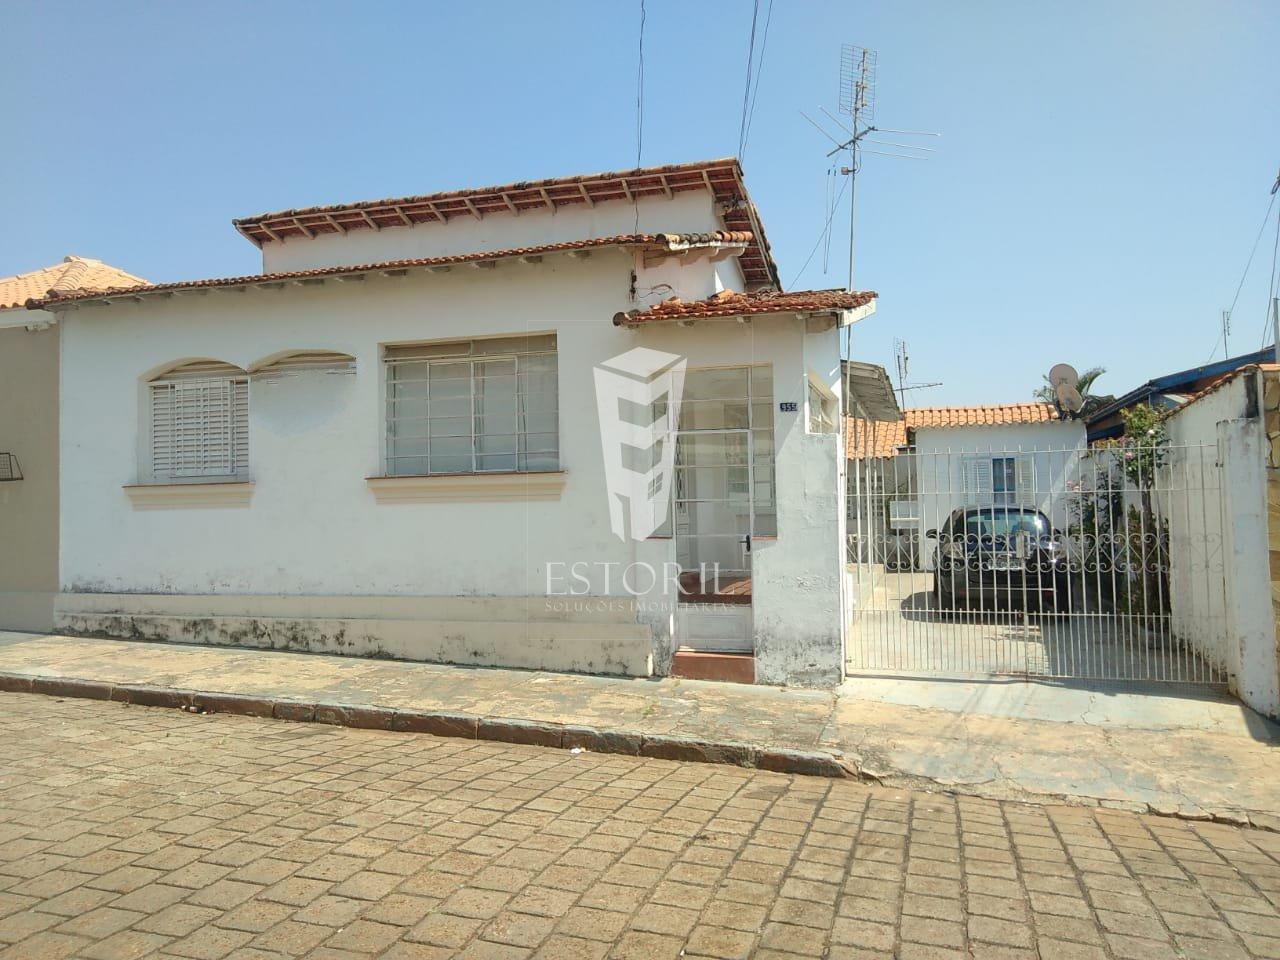 Casa com 3 dormitórios à venda, Centro, AVARE - SP